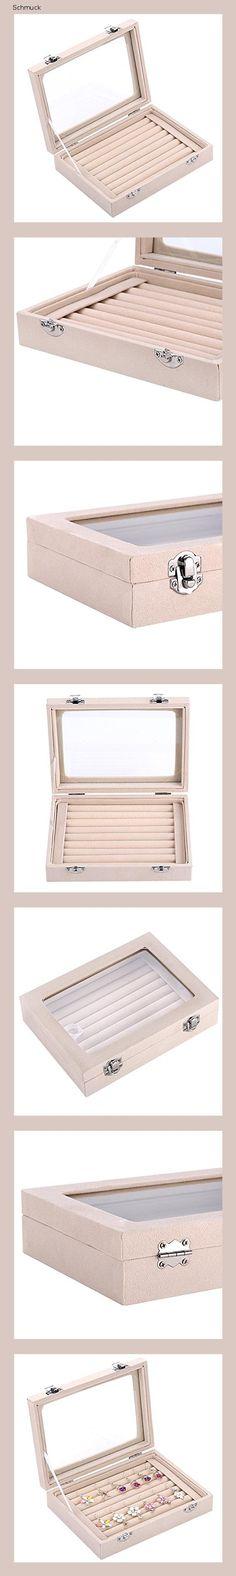 Ivosmart Aufbewahrungsbox für Schmuck, 24 Fächer, aus Samt, mit Glasdeckel, Fächer für Ohrringe, Schwarz, beige, 7 Slot (Beige) - 14g7